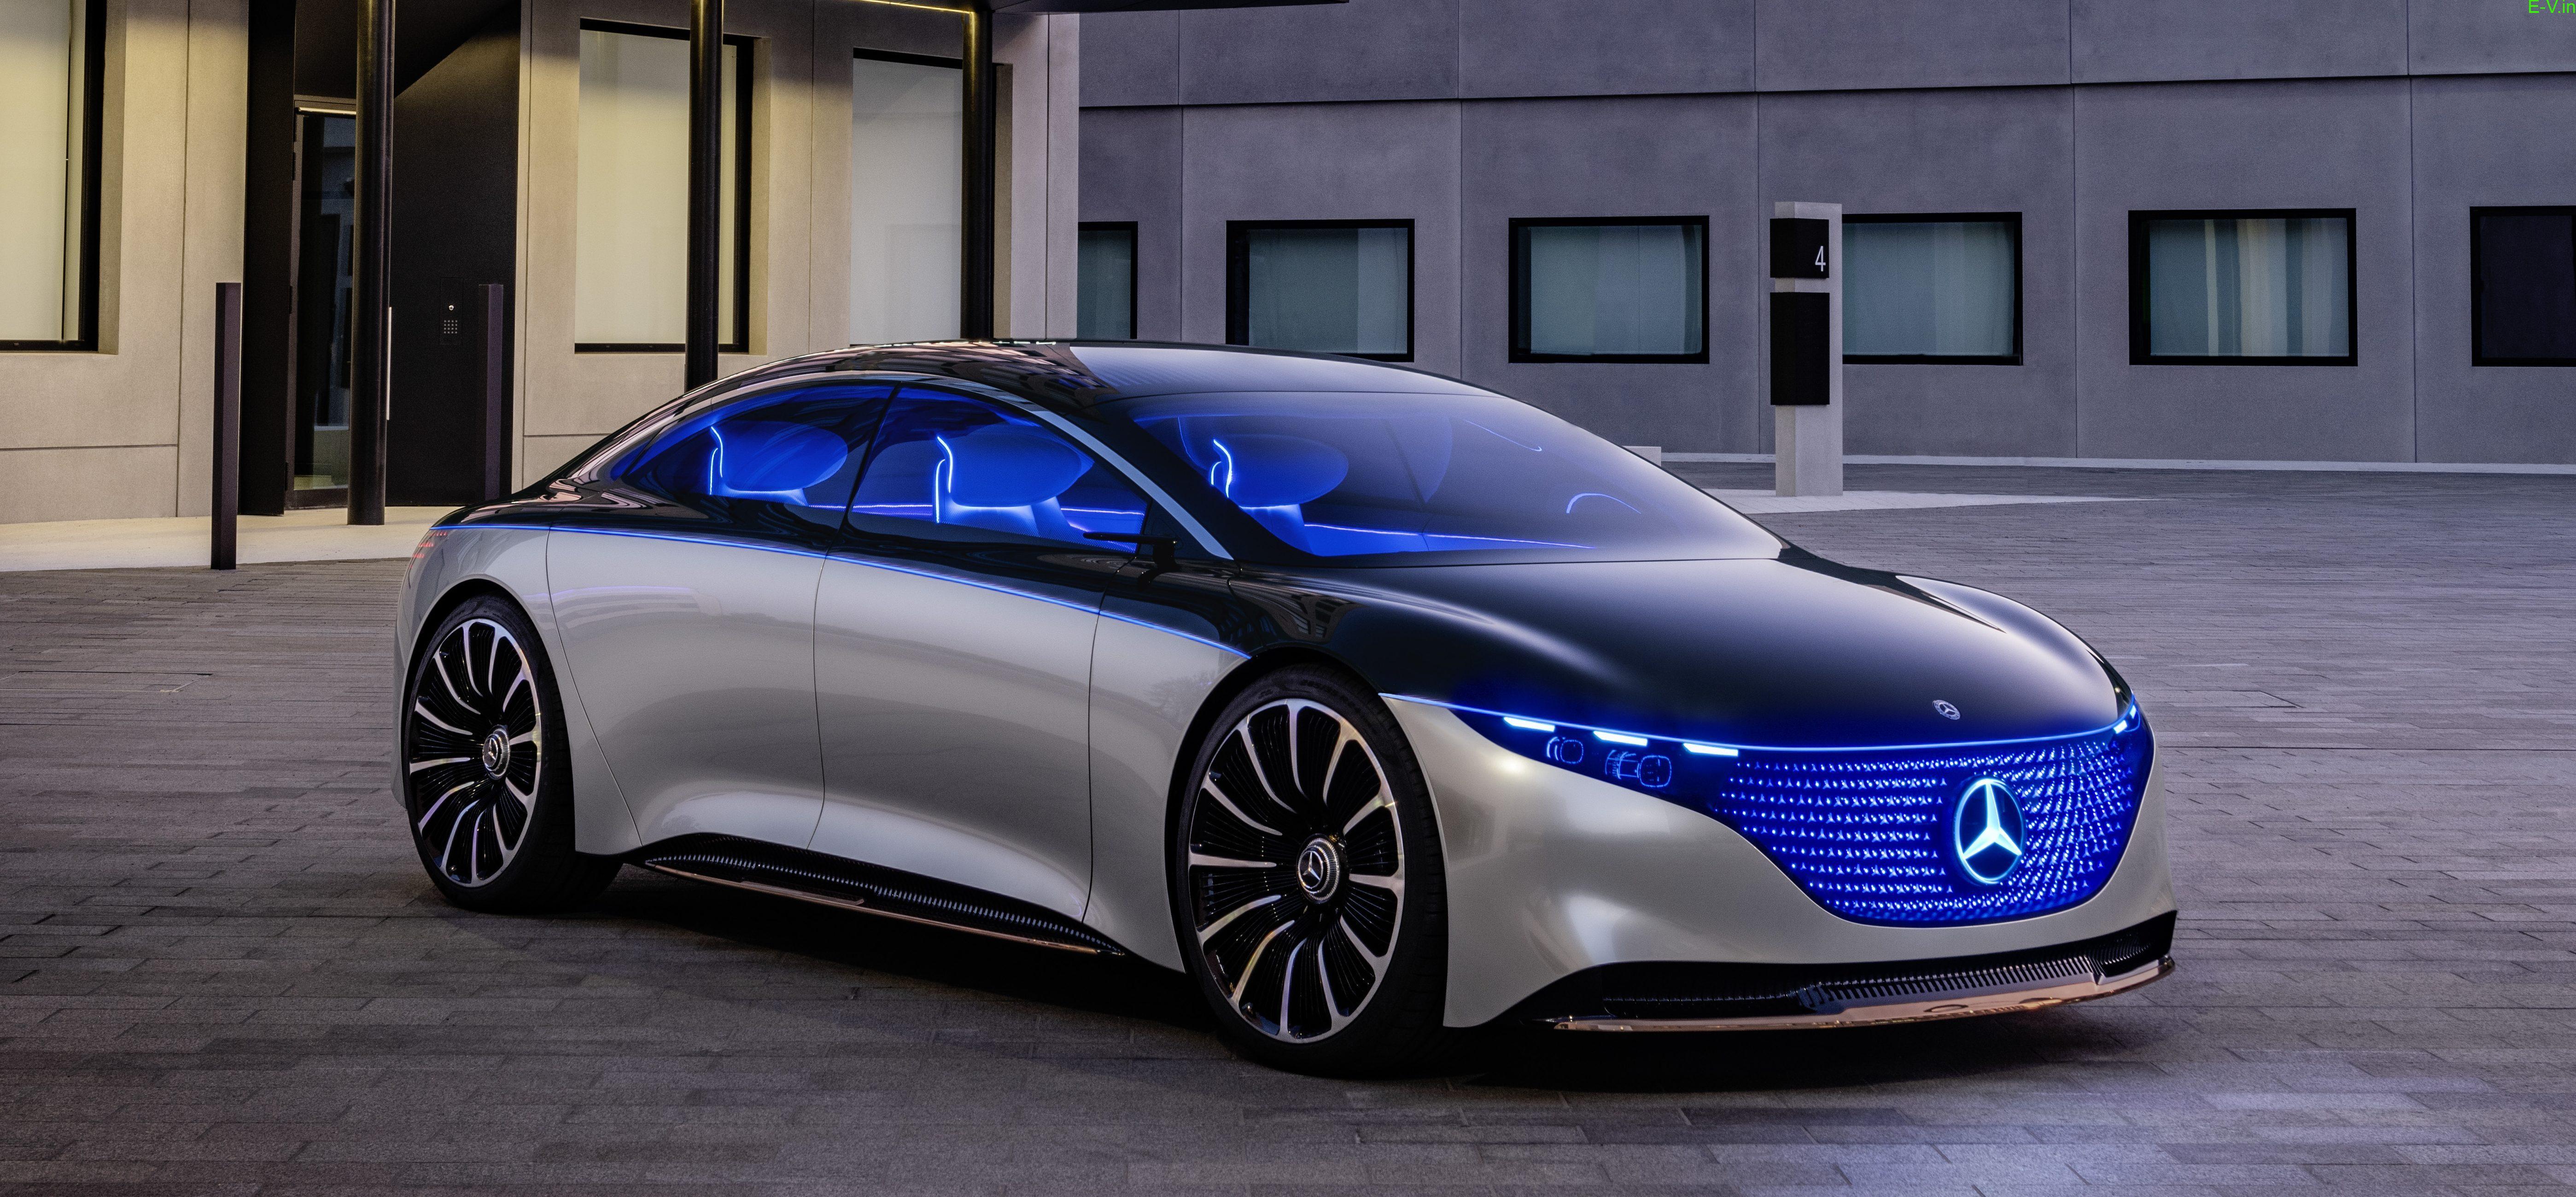 Mercedes Benz EQS Electric